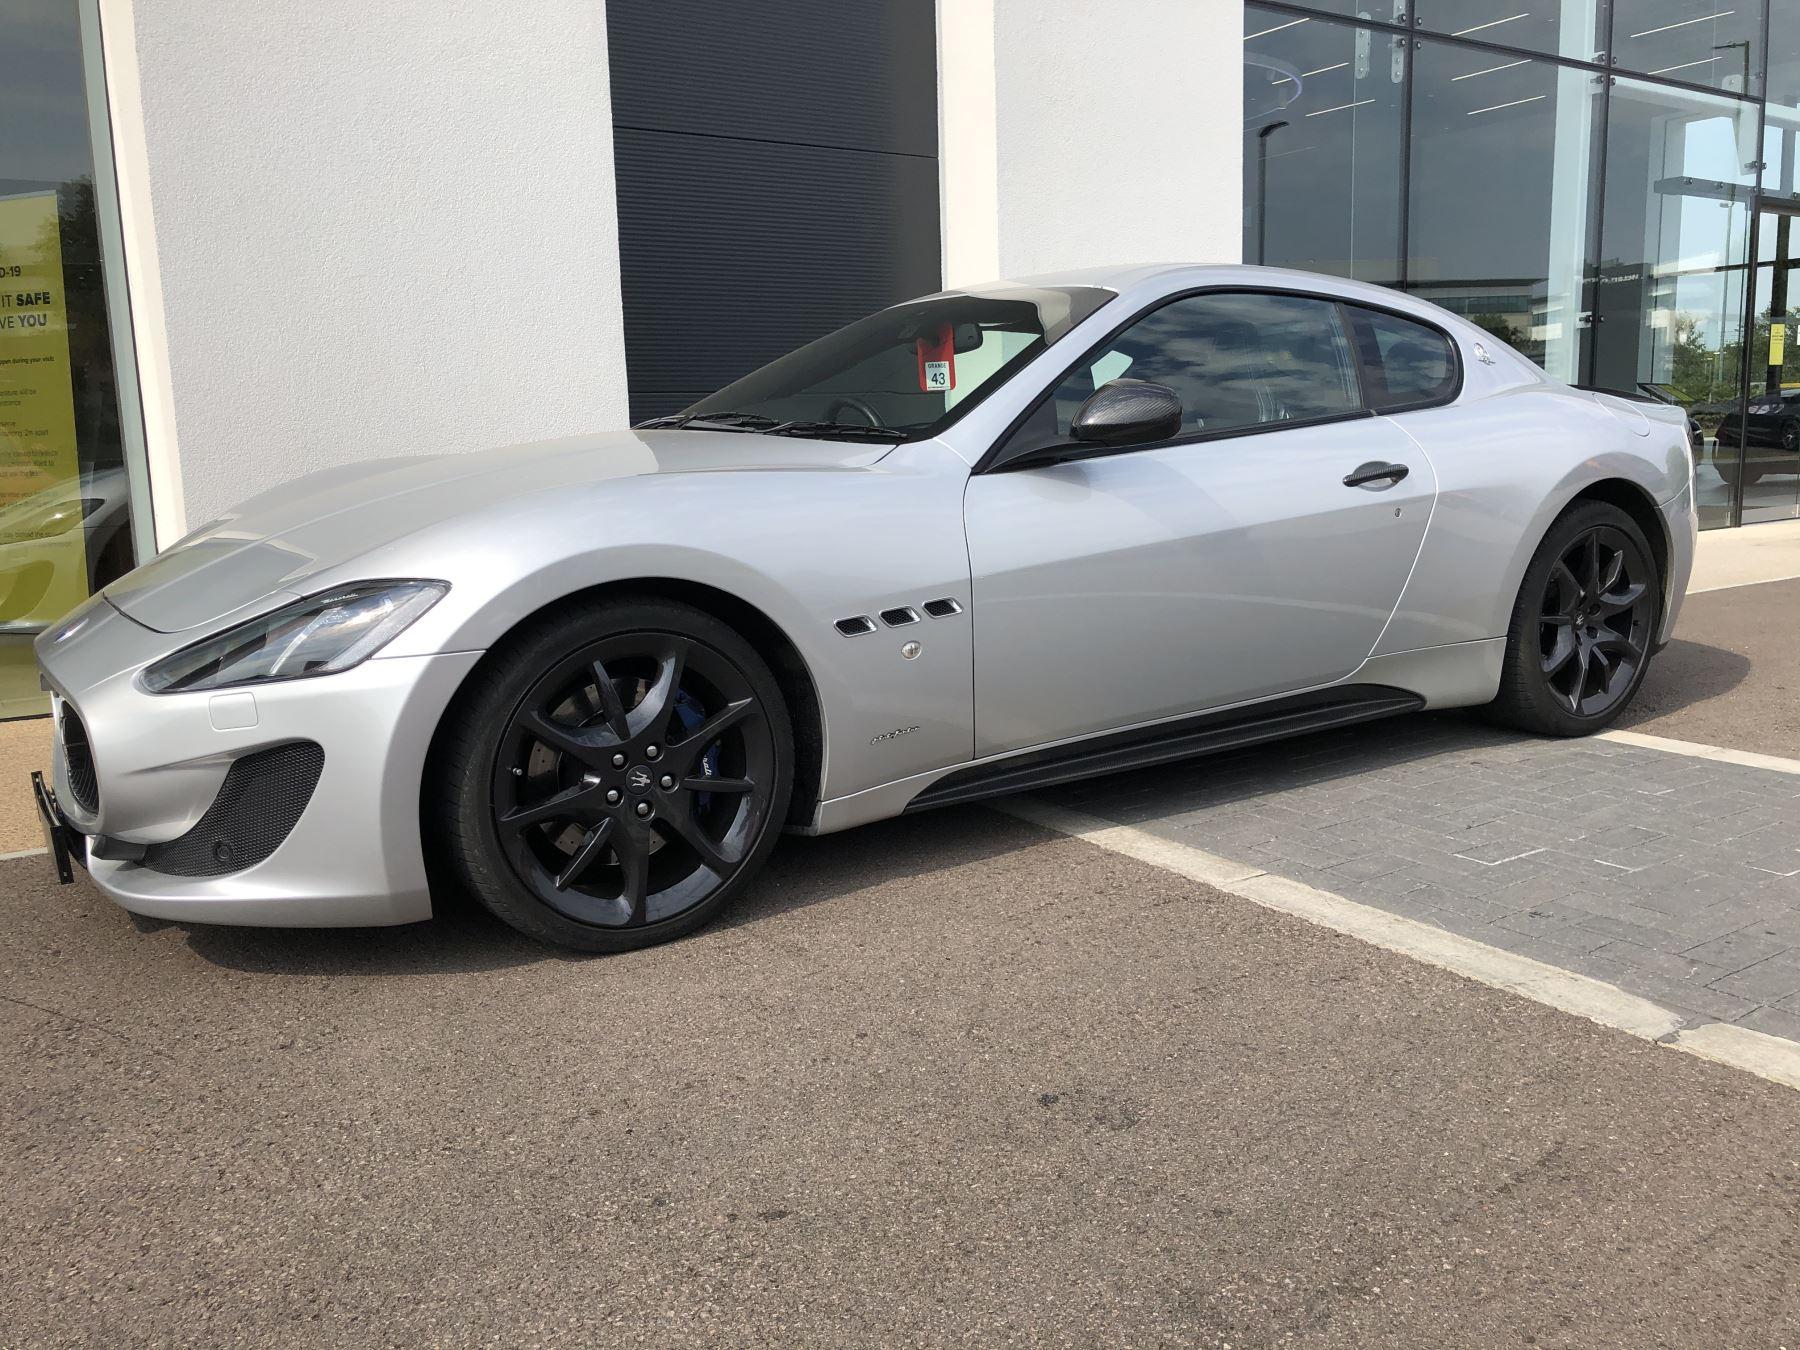 Maserati Granturismo V8 Sport 2dr MC Shift 4.7 Automatic Coupe (2014)